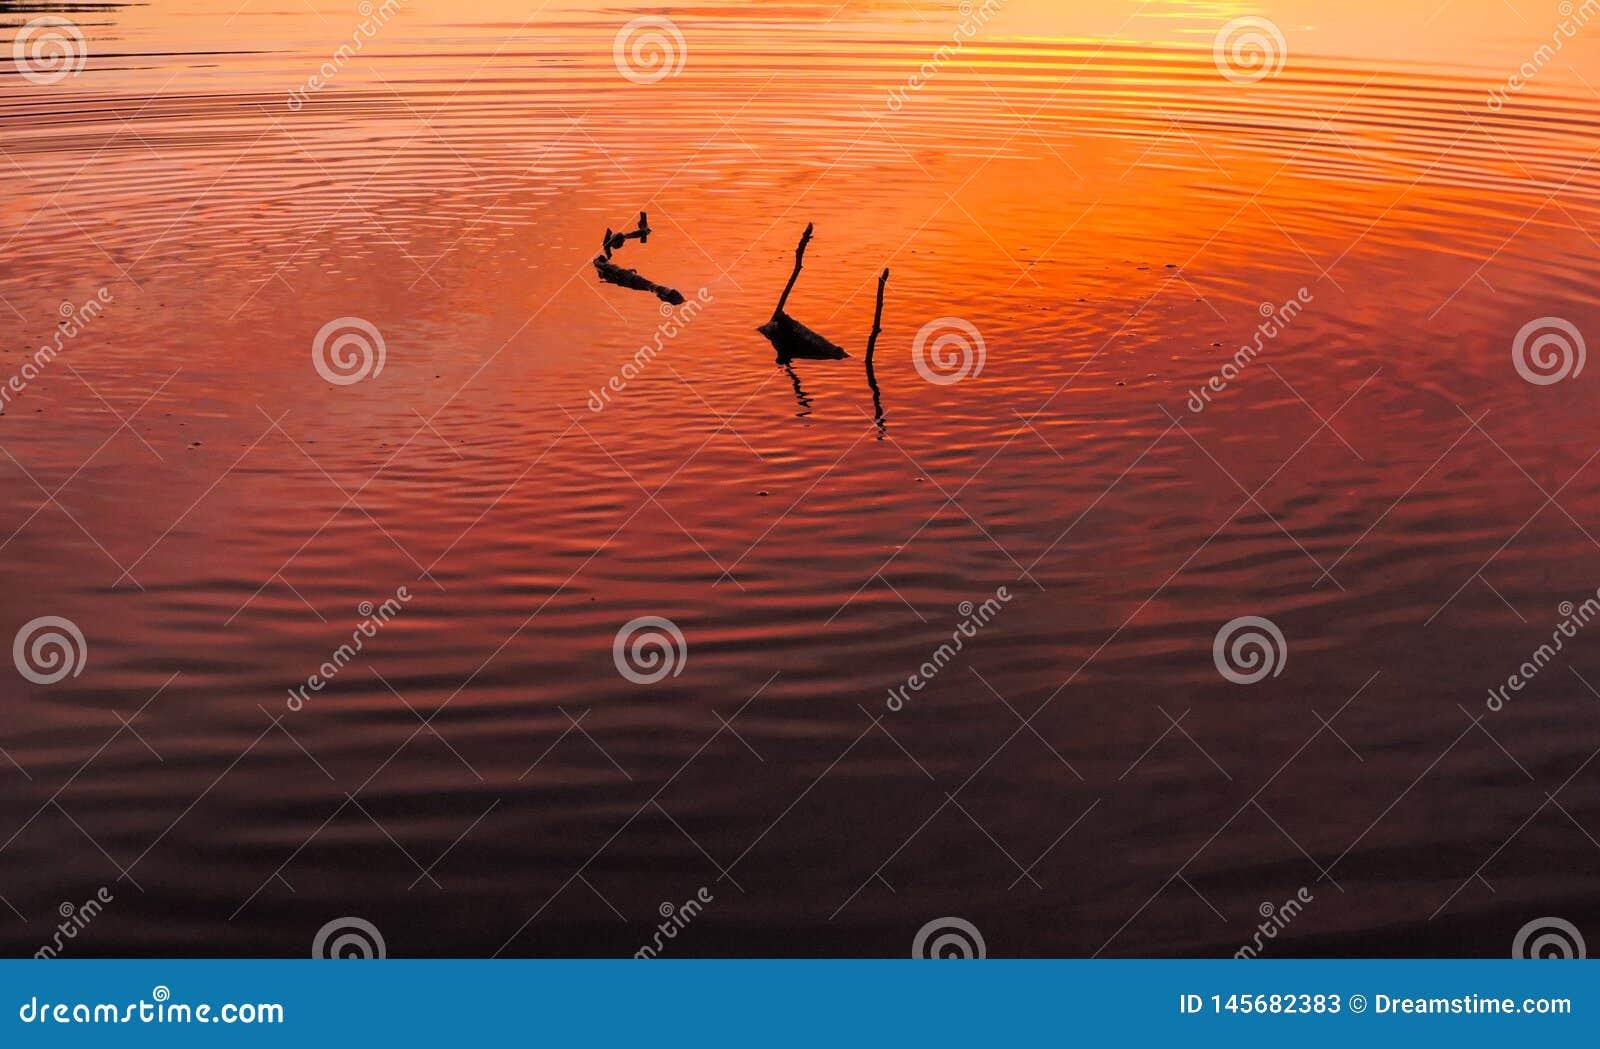 漂浮在日落的一个湖下的棍子